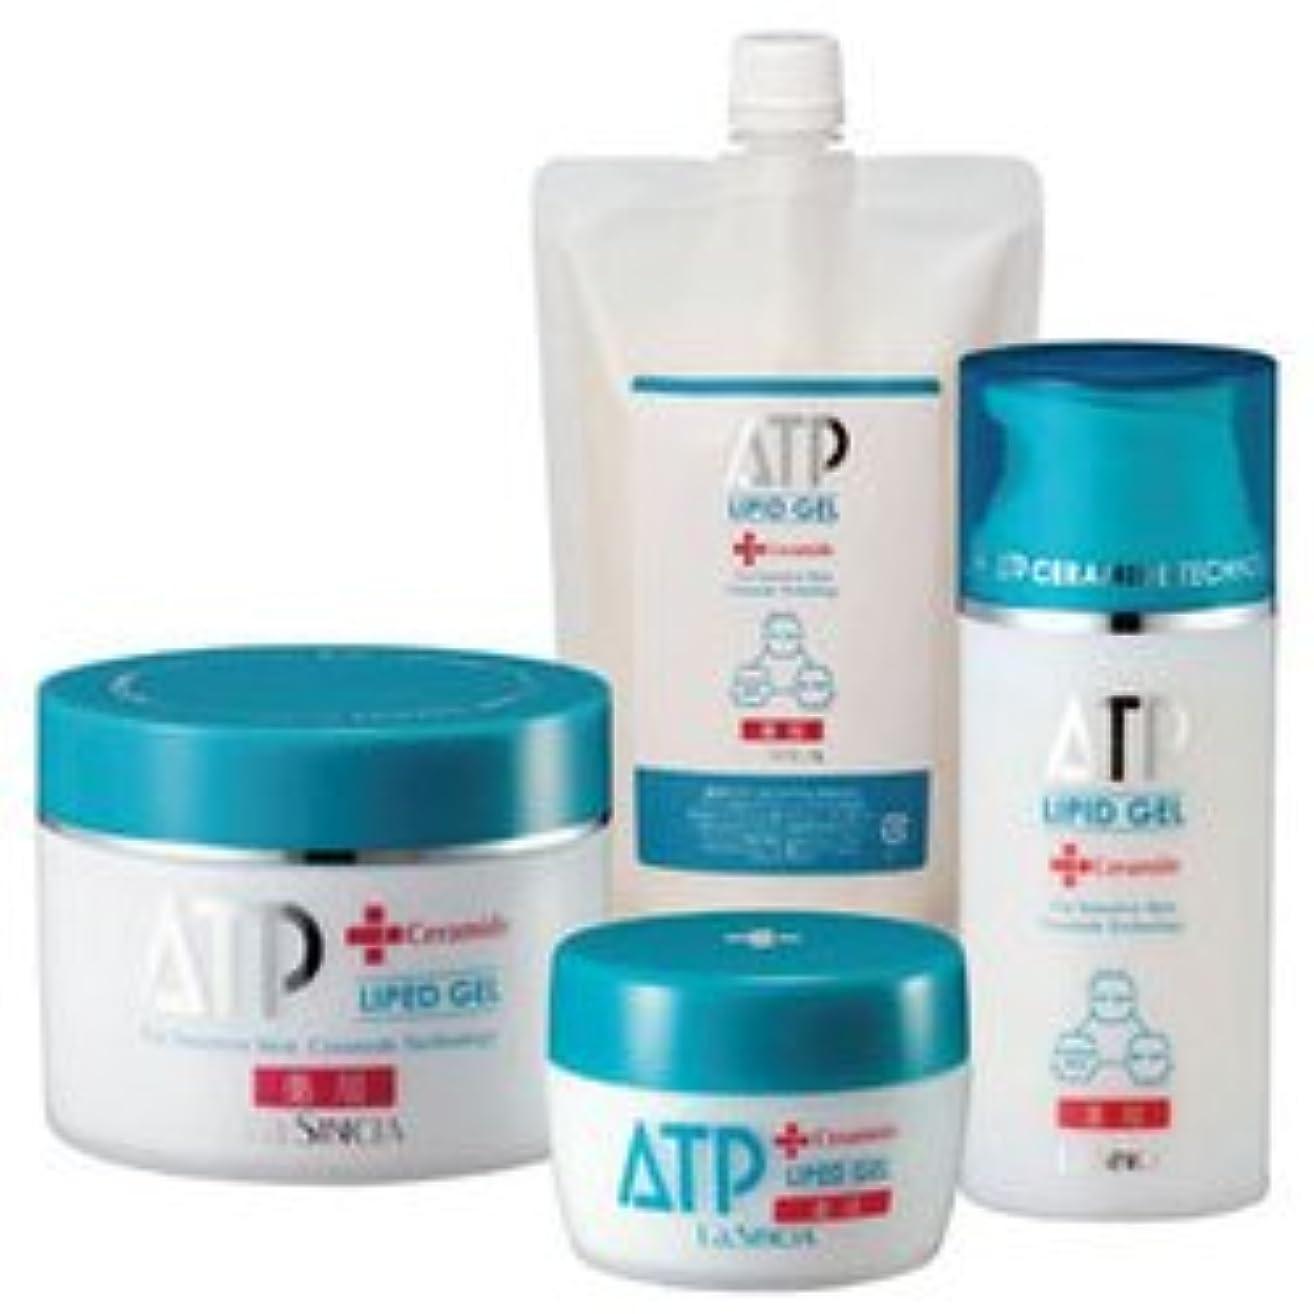 失敗ラグスリップシューズラシンシア 薬用 ATP リピッドゲル 400g 詰替用